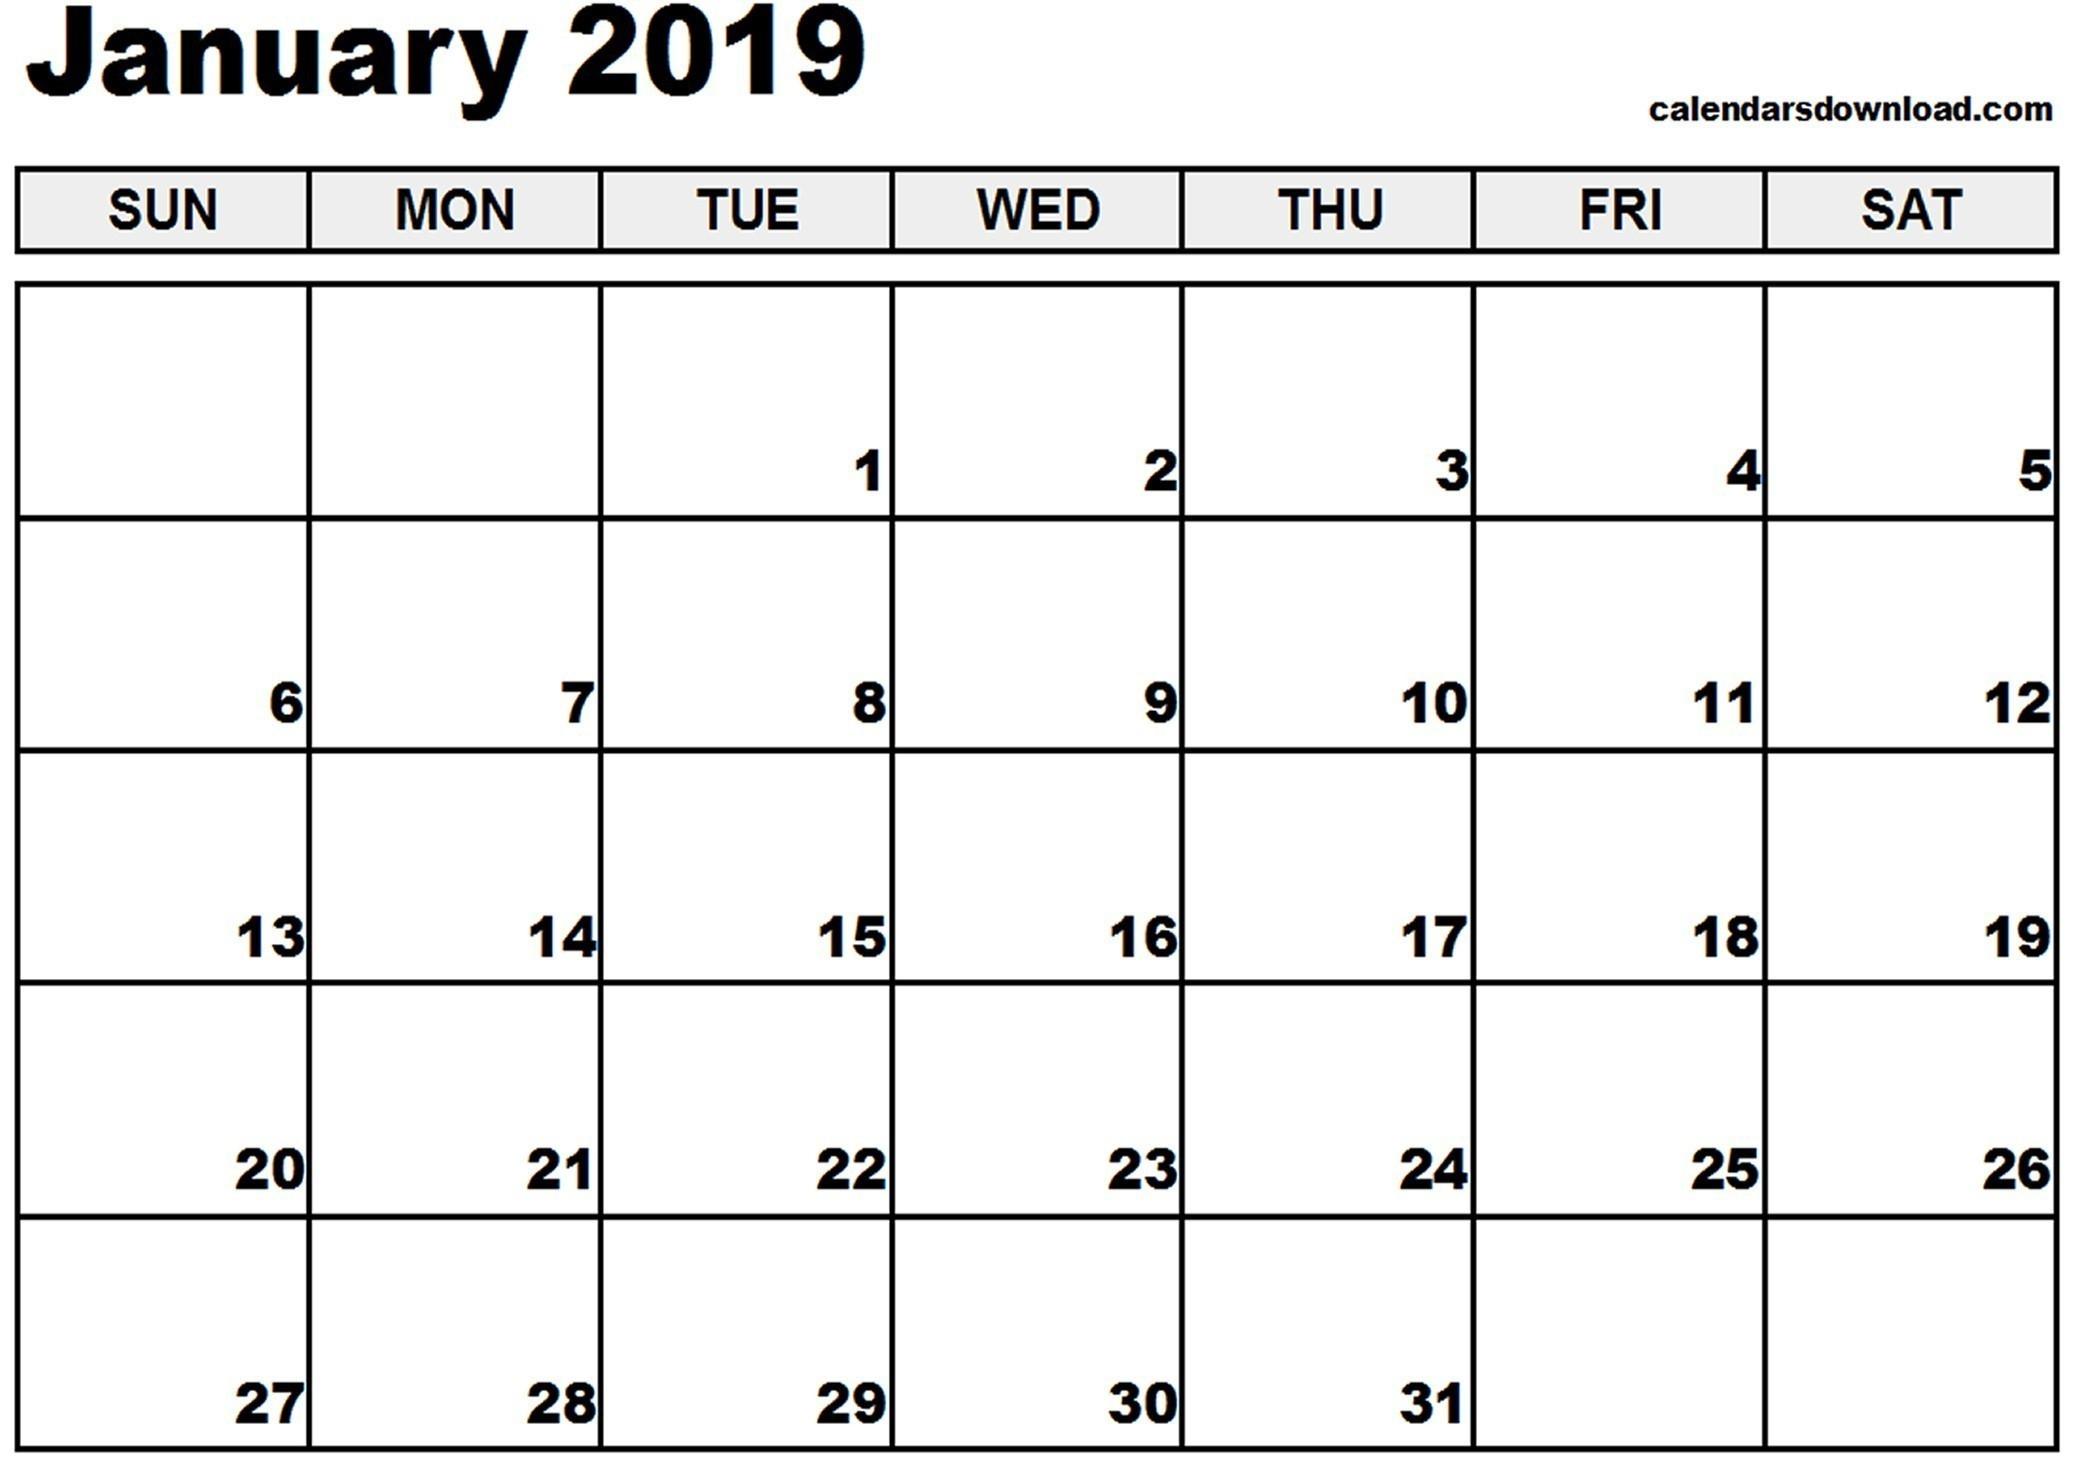 Nanakshahi Calendar January 2019 | Calendar Template-Nanakshahi Calendar 2020 January